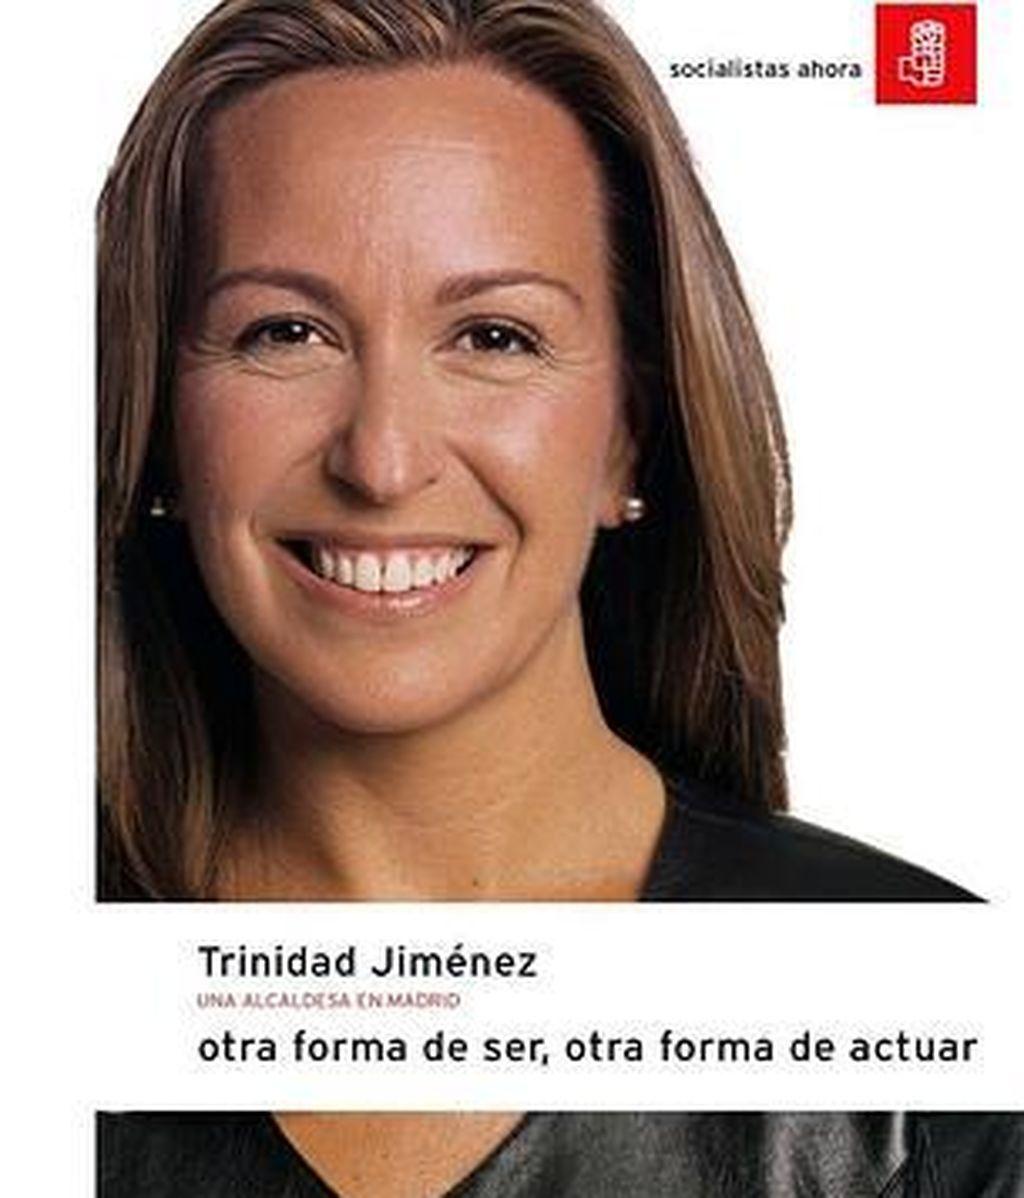 trinidad-jimenez--644x362